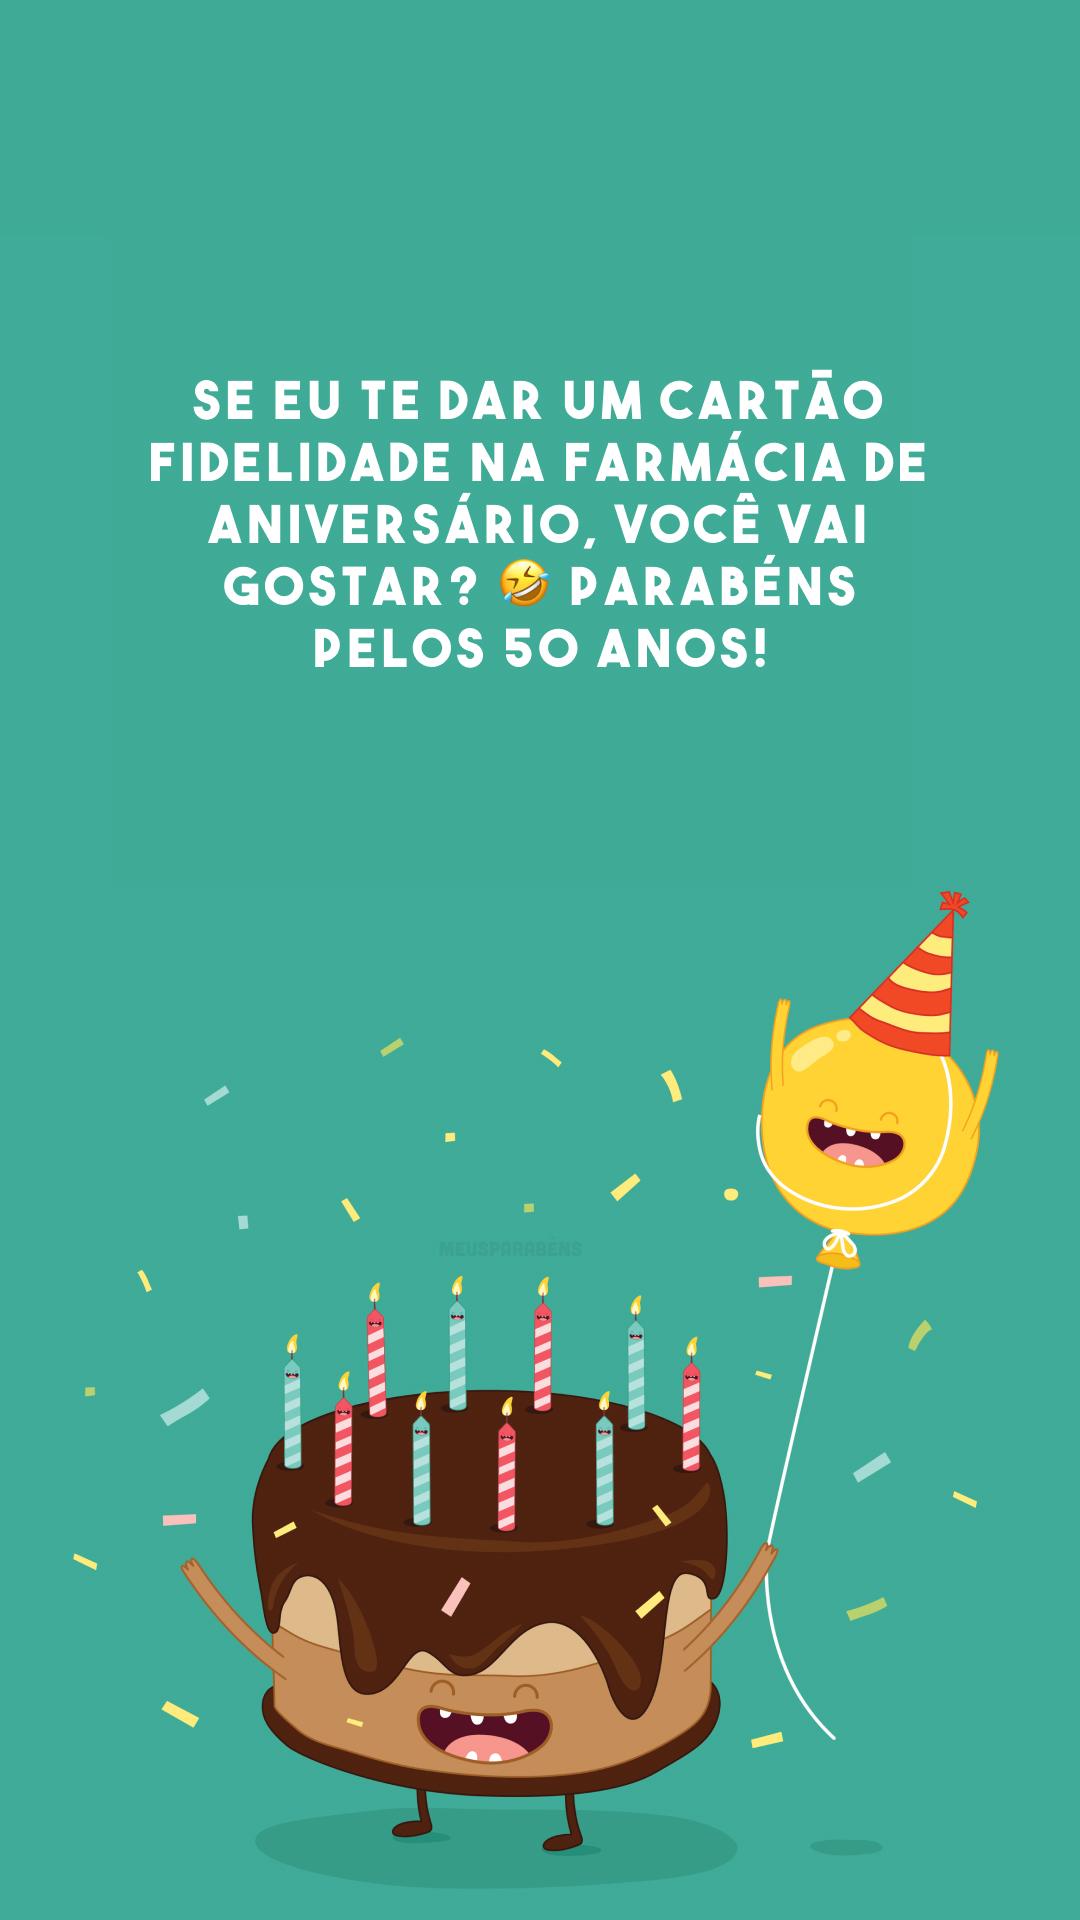 Se eu te der um cartão fidelidade na farmácia de aniversário, você vai gostar? 🤣 Parabéns pelos 50 anos!